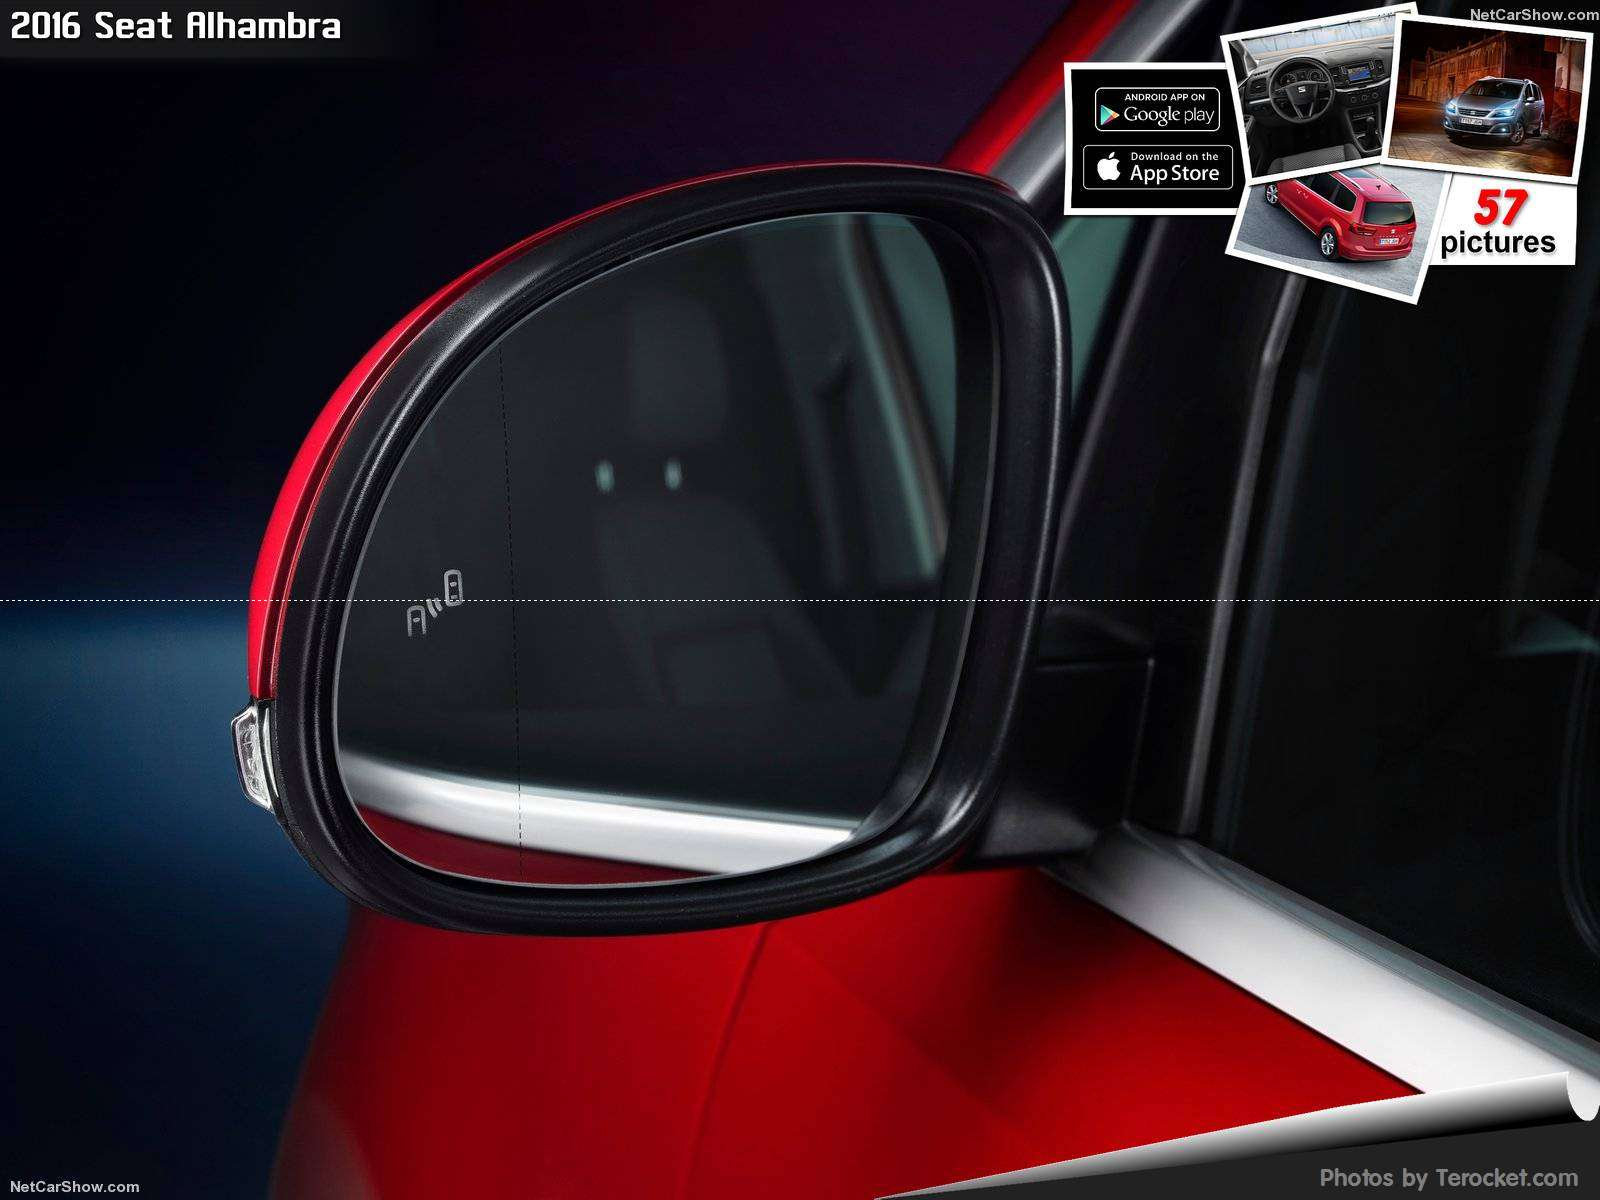 Hình ảnh xe ô tô Seat Alhambra 2016 & nội ngoại thất